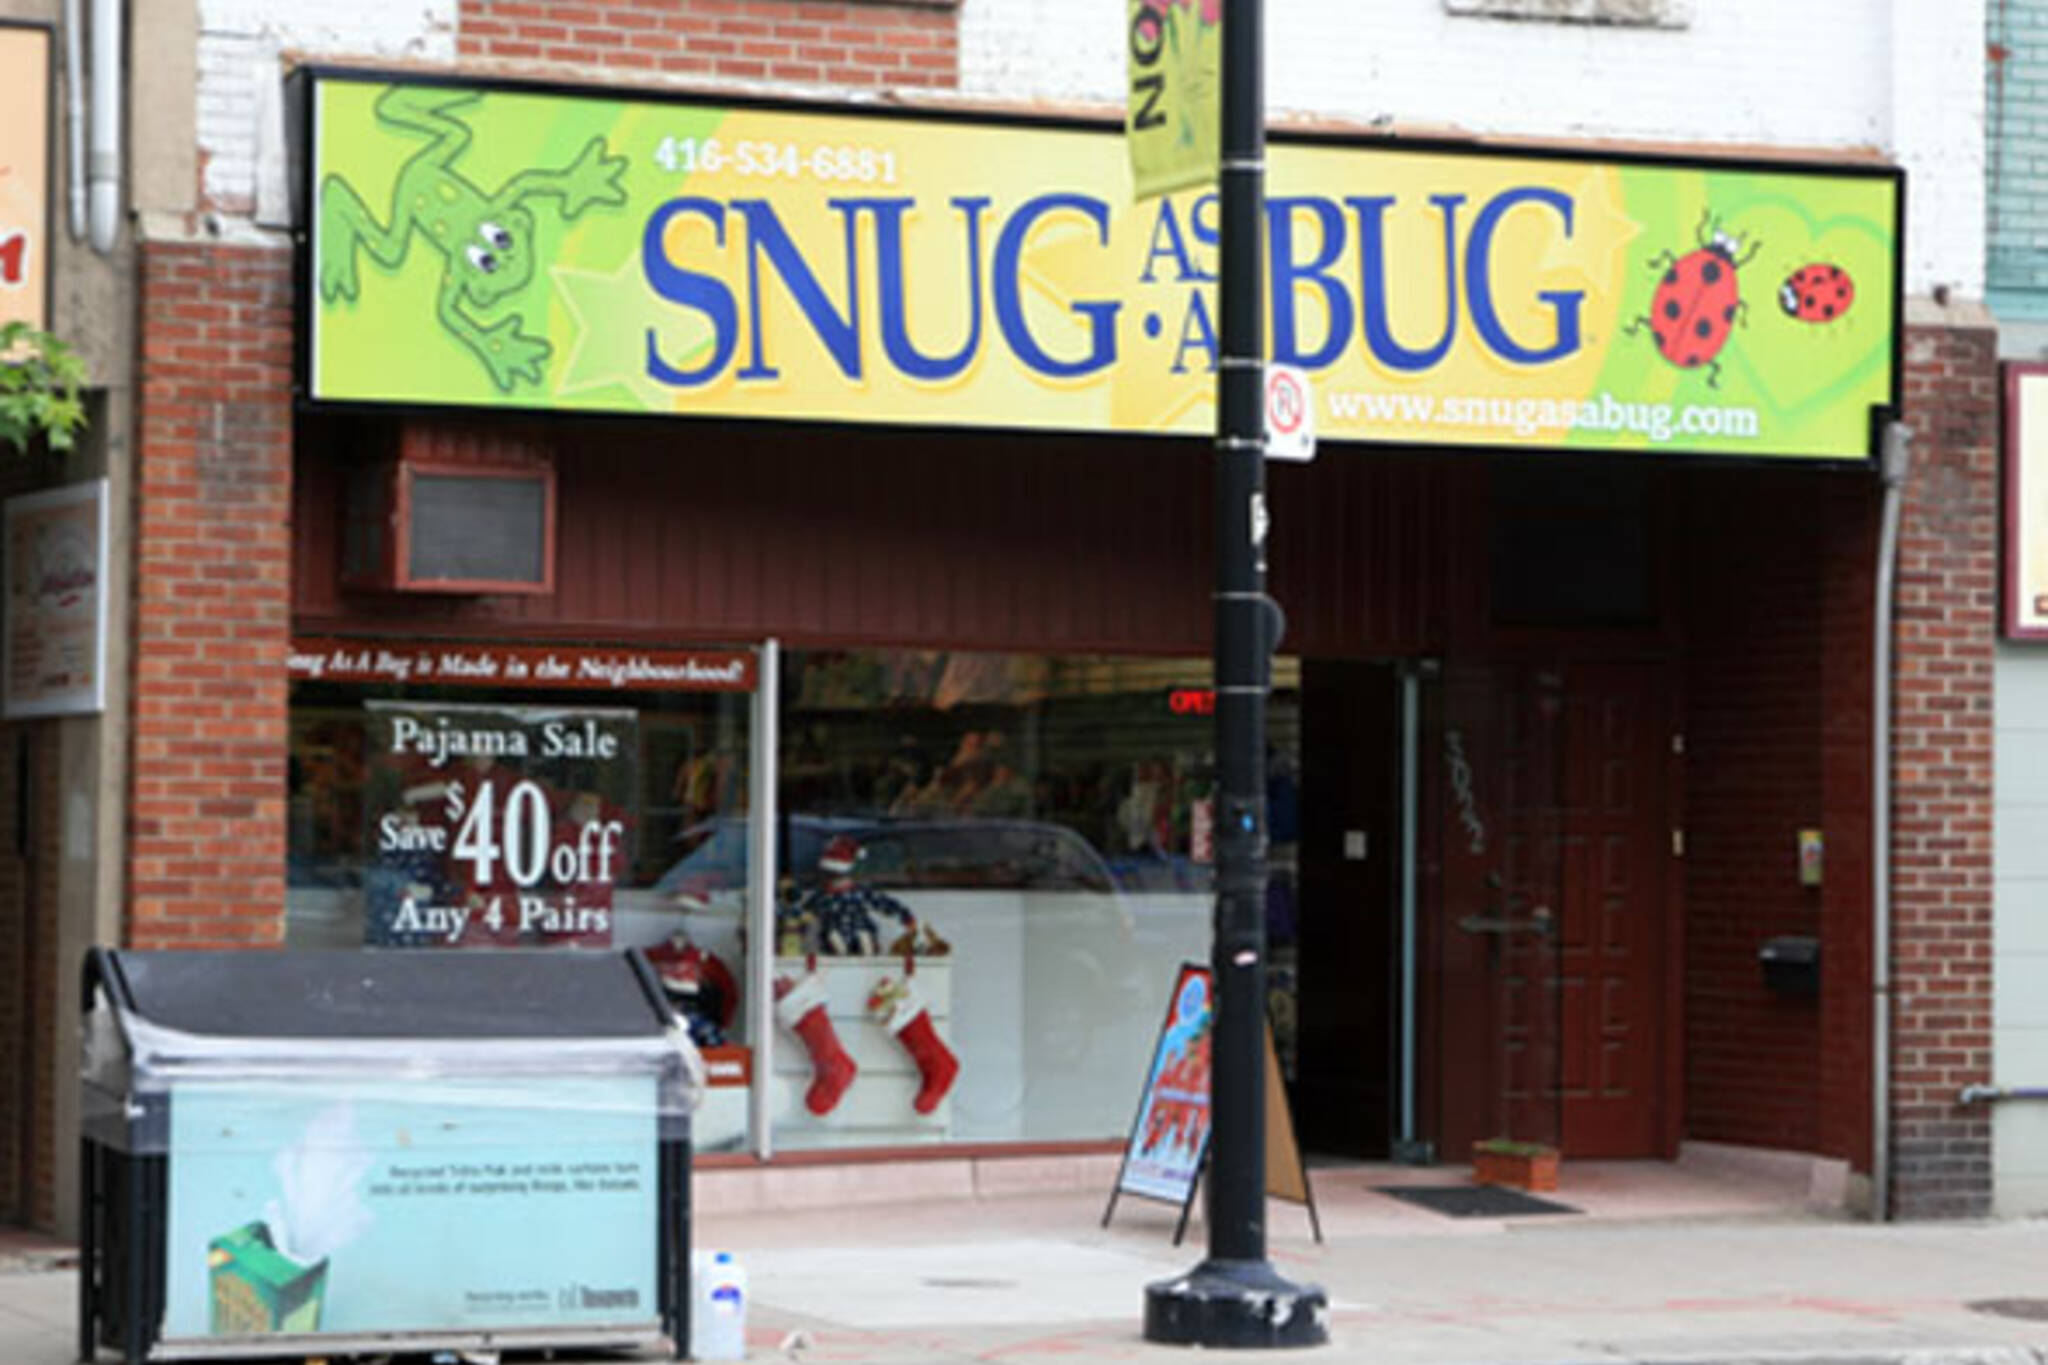 Snug as a Bug Toronto